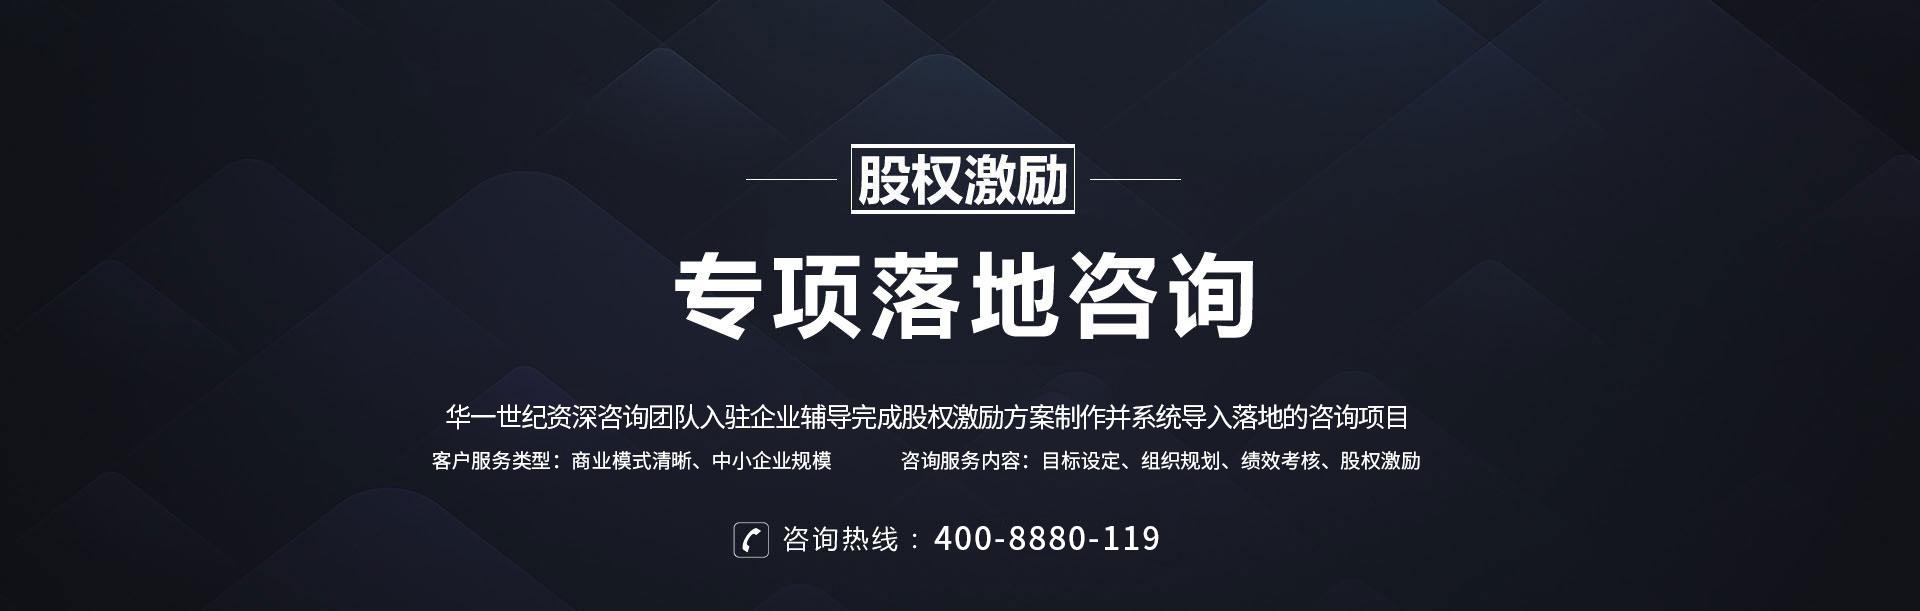 股权激励专项落地咨询